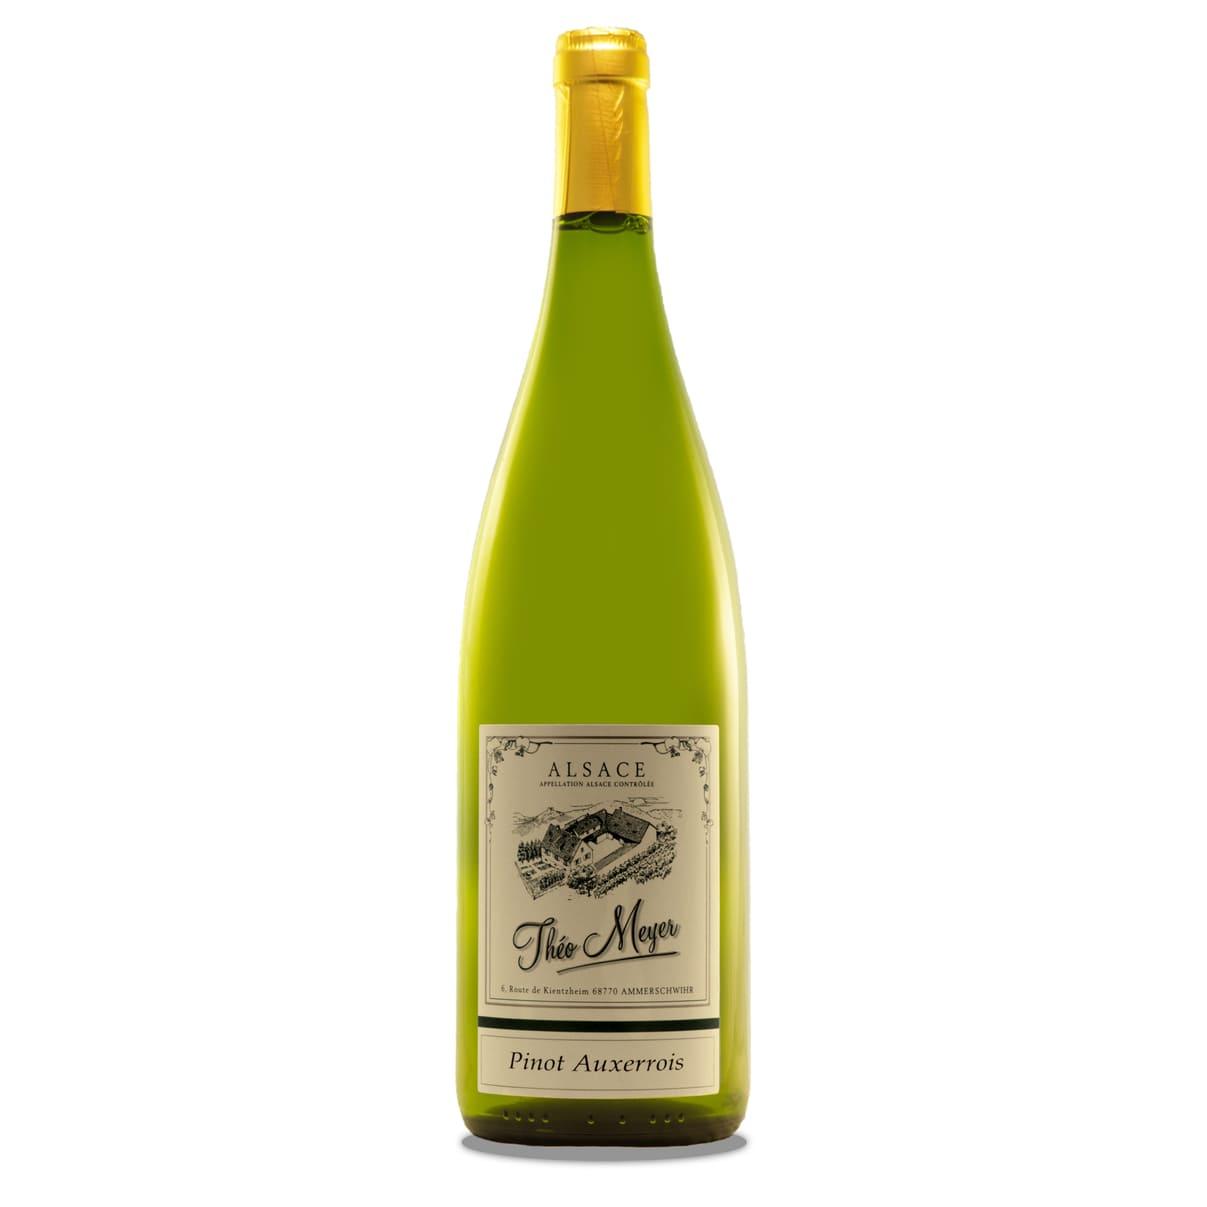 Pinot Auxerrois 2019 - Litre